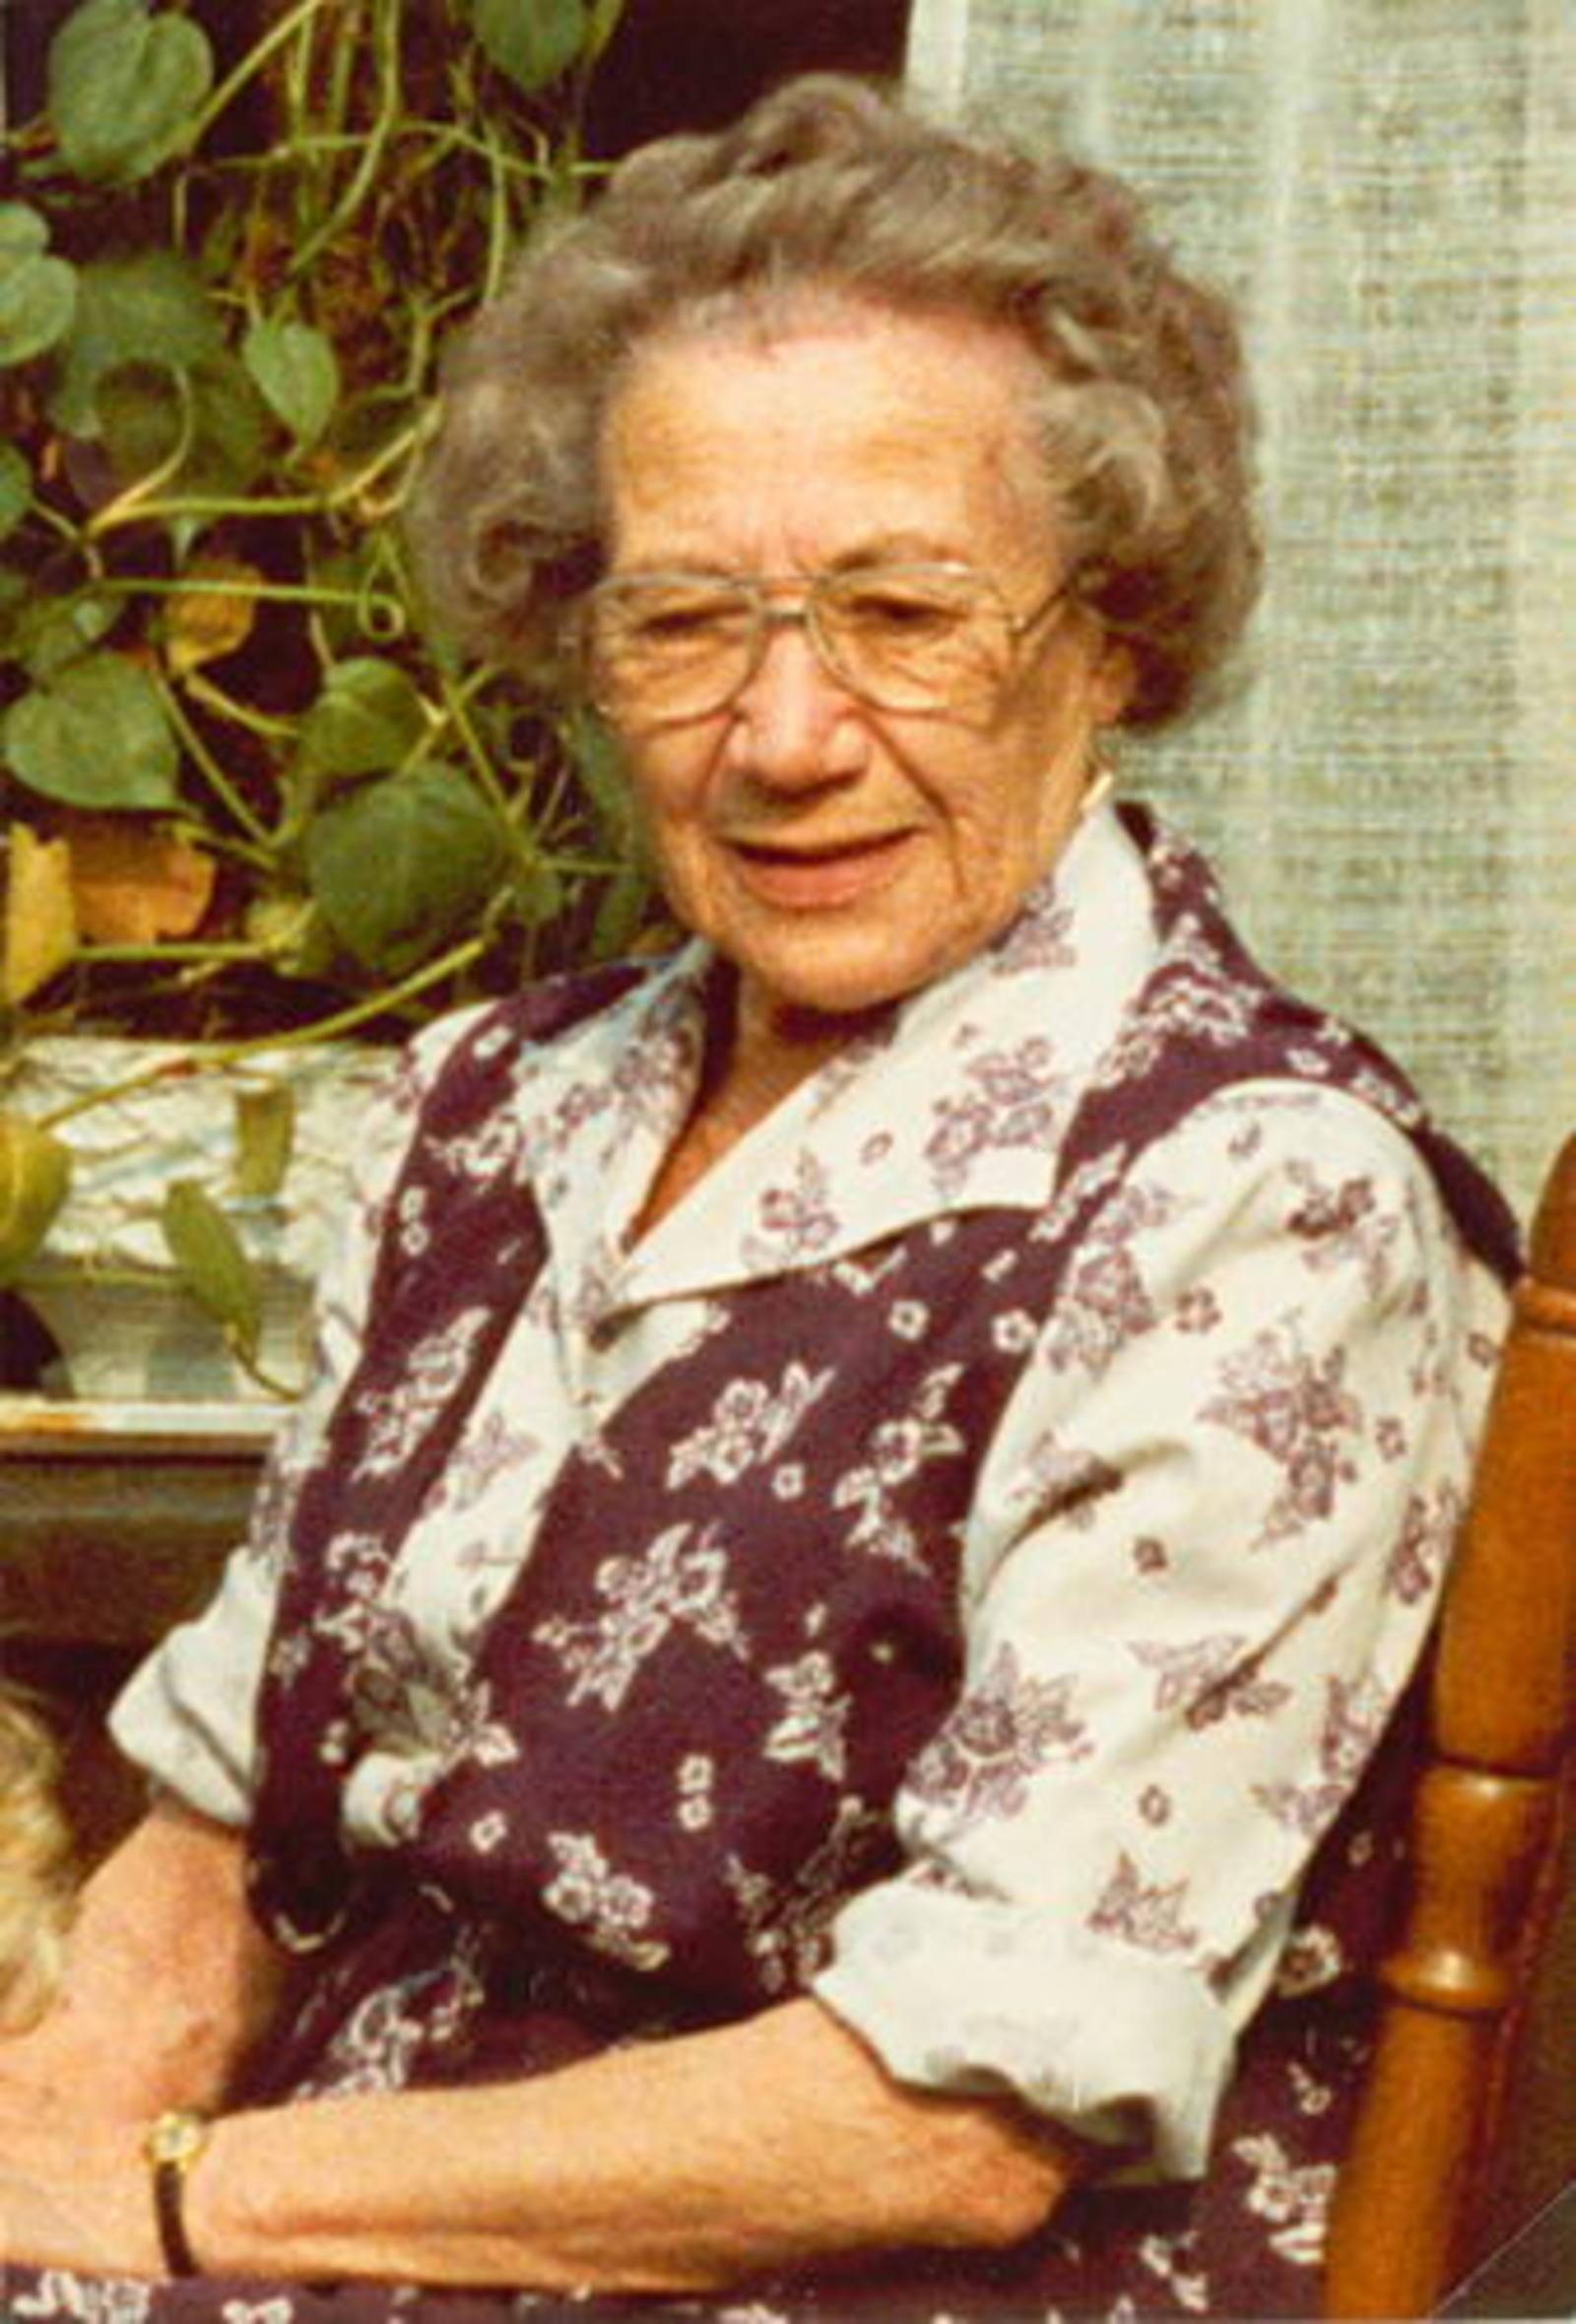 Wassenaar Hendrikus G 1909 19__ Vrouw Elisabeth A Duwel